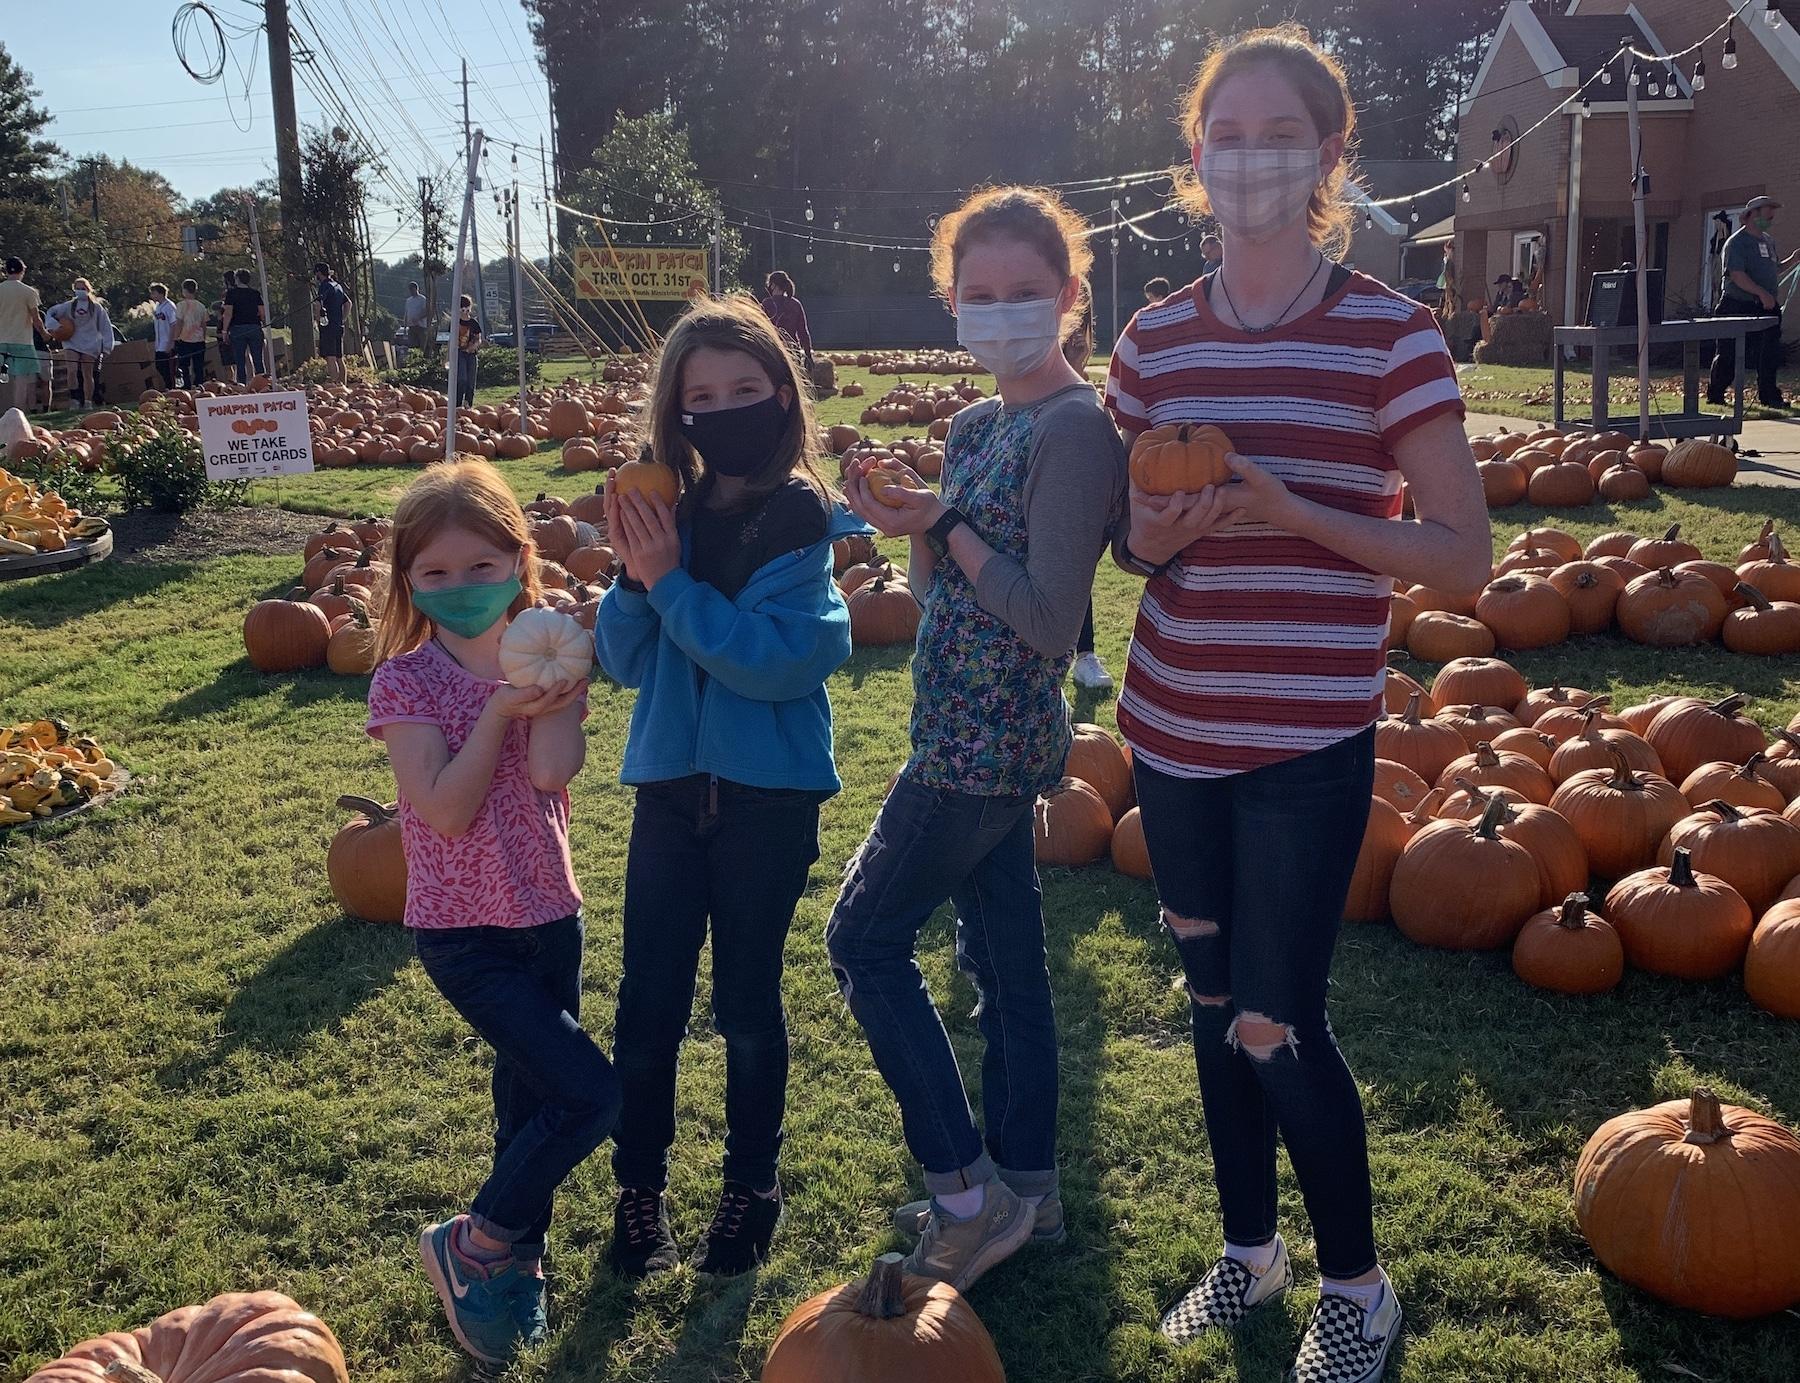 pumpkin patch girls standing